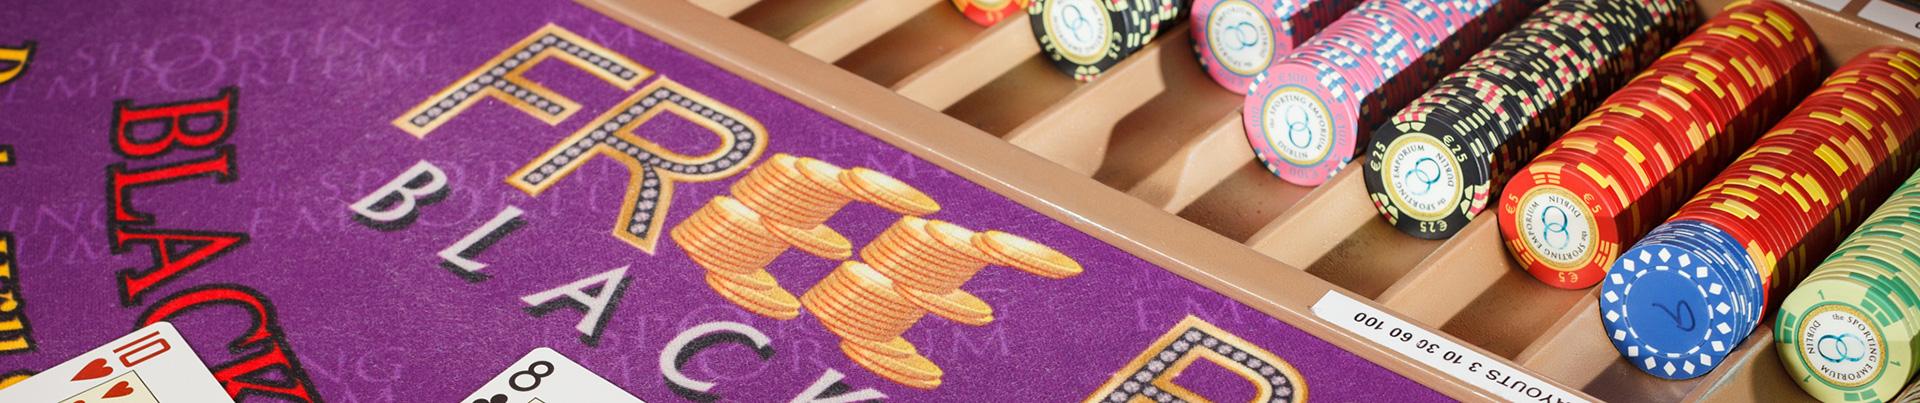 Purple Free Bet Blackjack Table